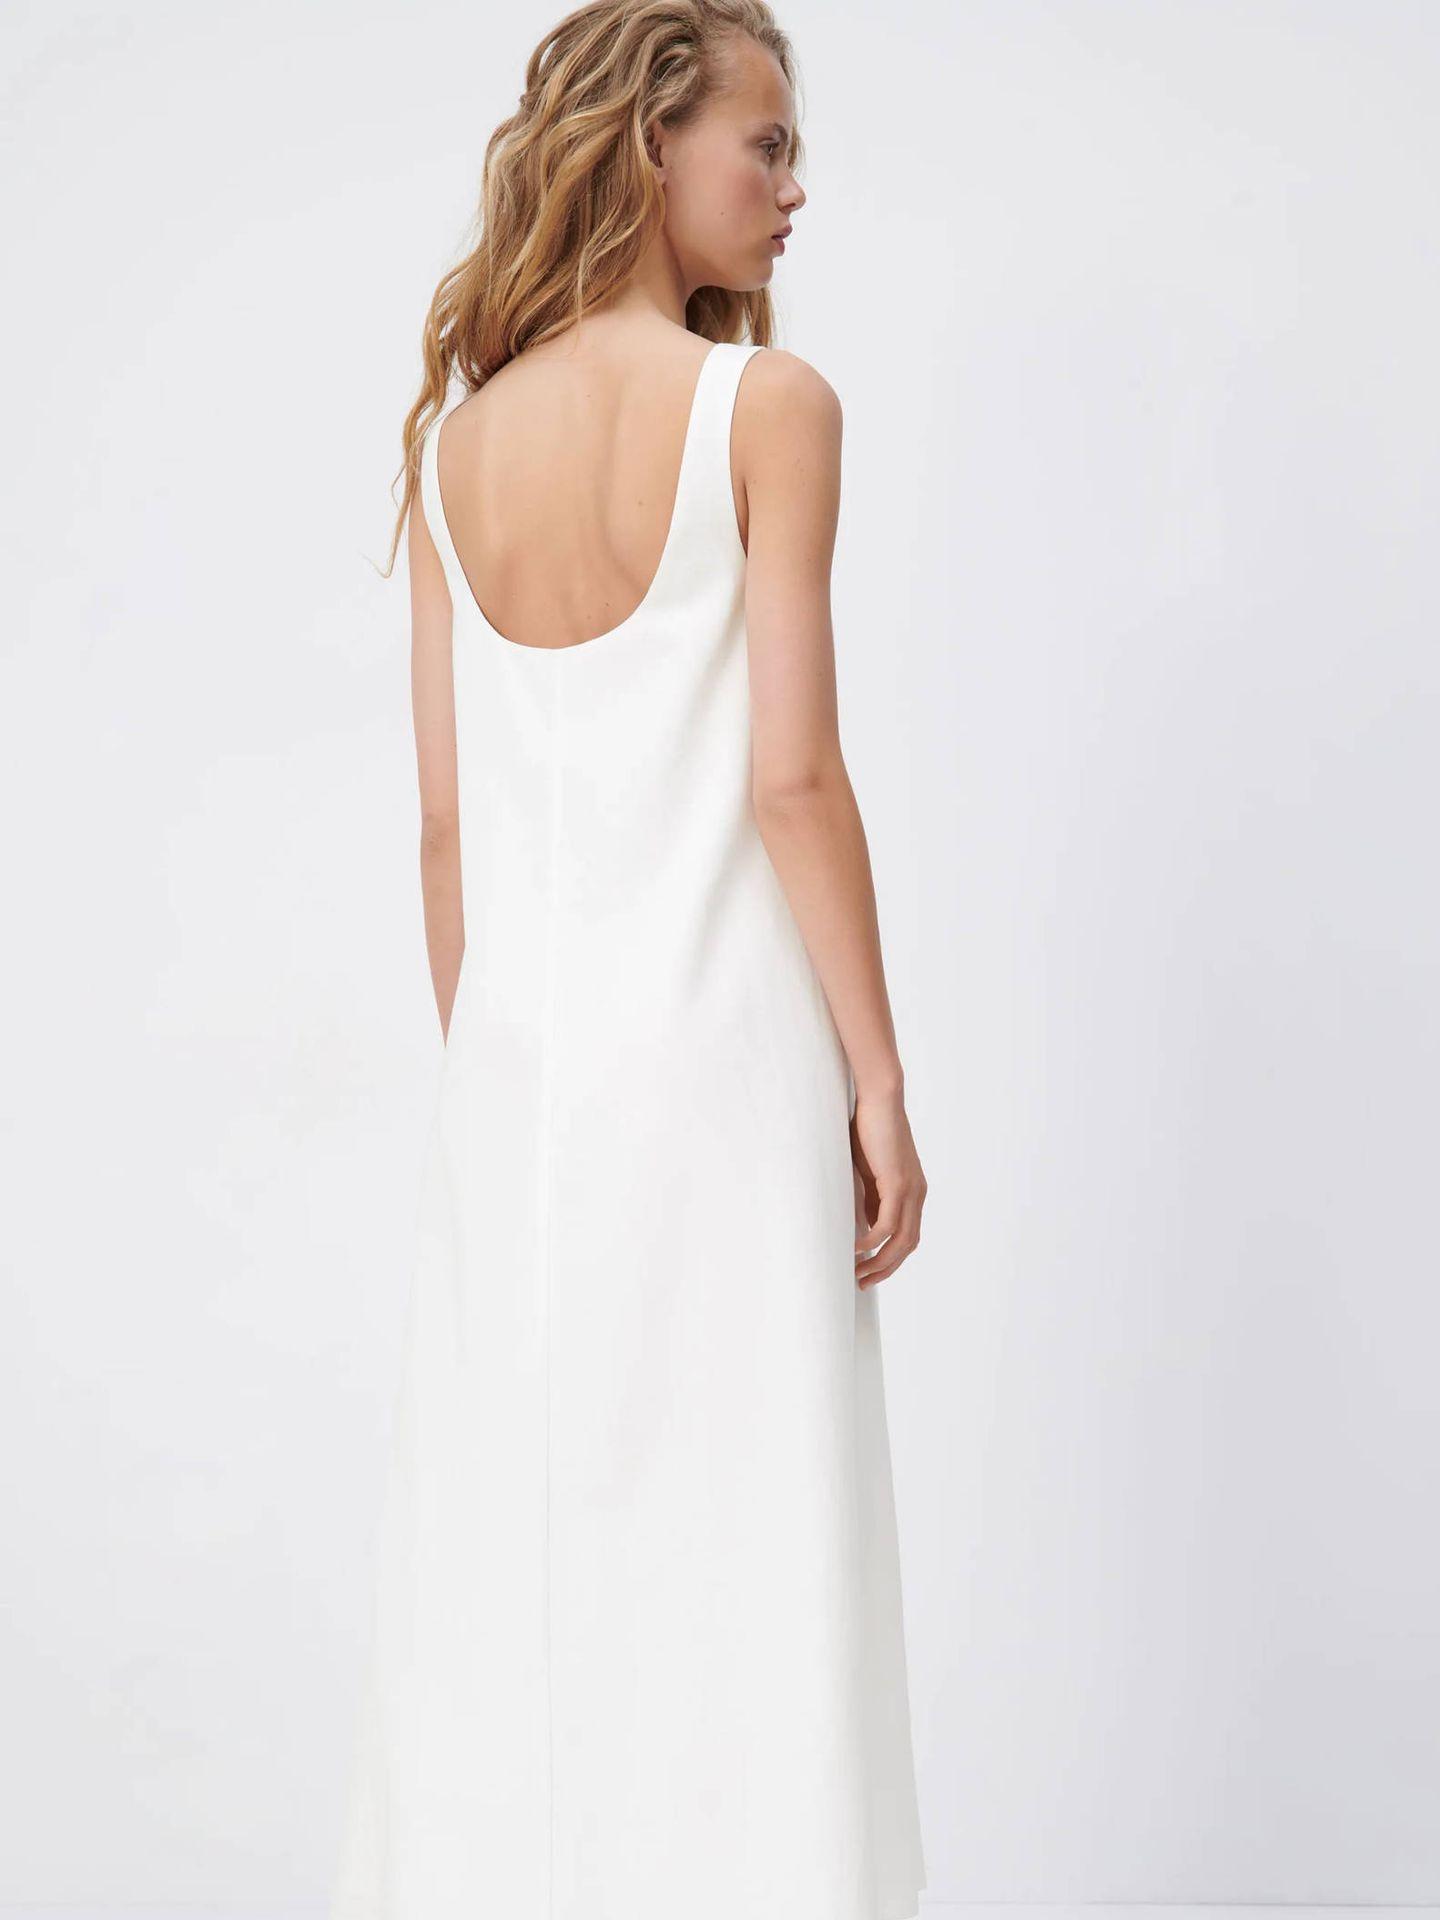 Vestido para novias sencillas de Zara. (Cortesía)